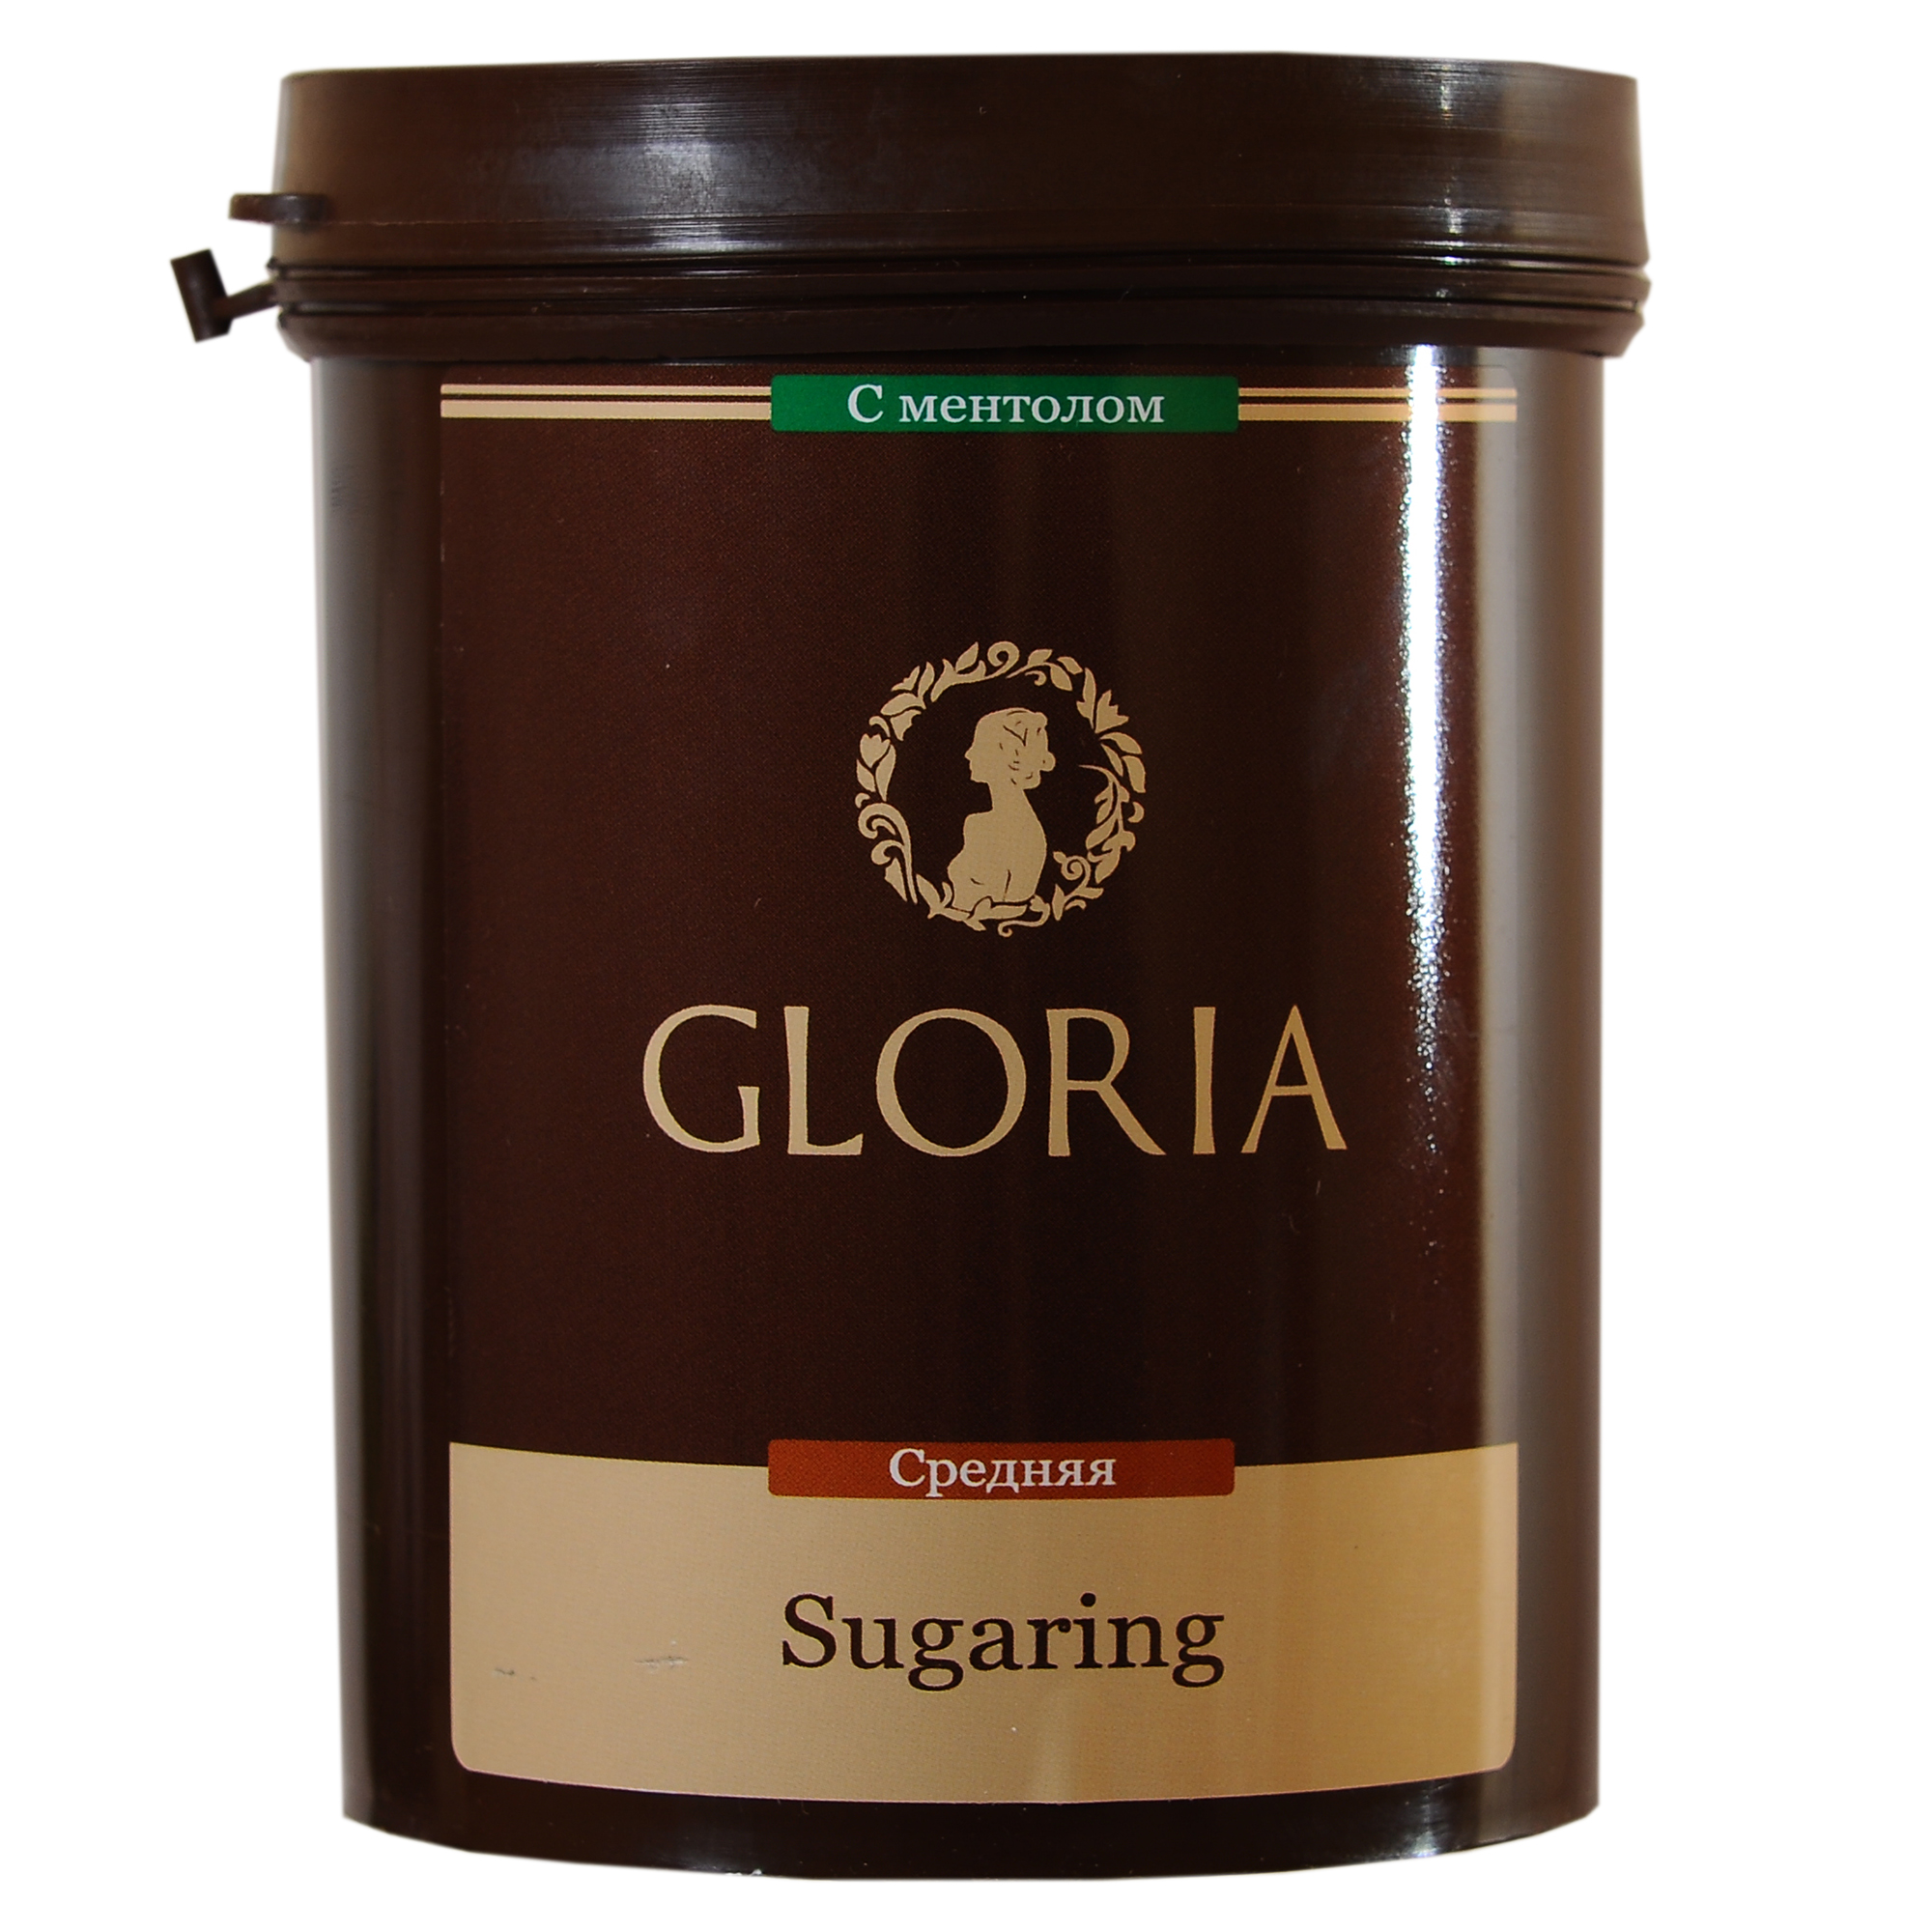 GLORIA Паста для шугаринга Gloria средняя с ментолом 0,8 кг оборудование по производству пасты шугаринга